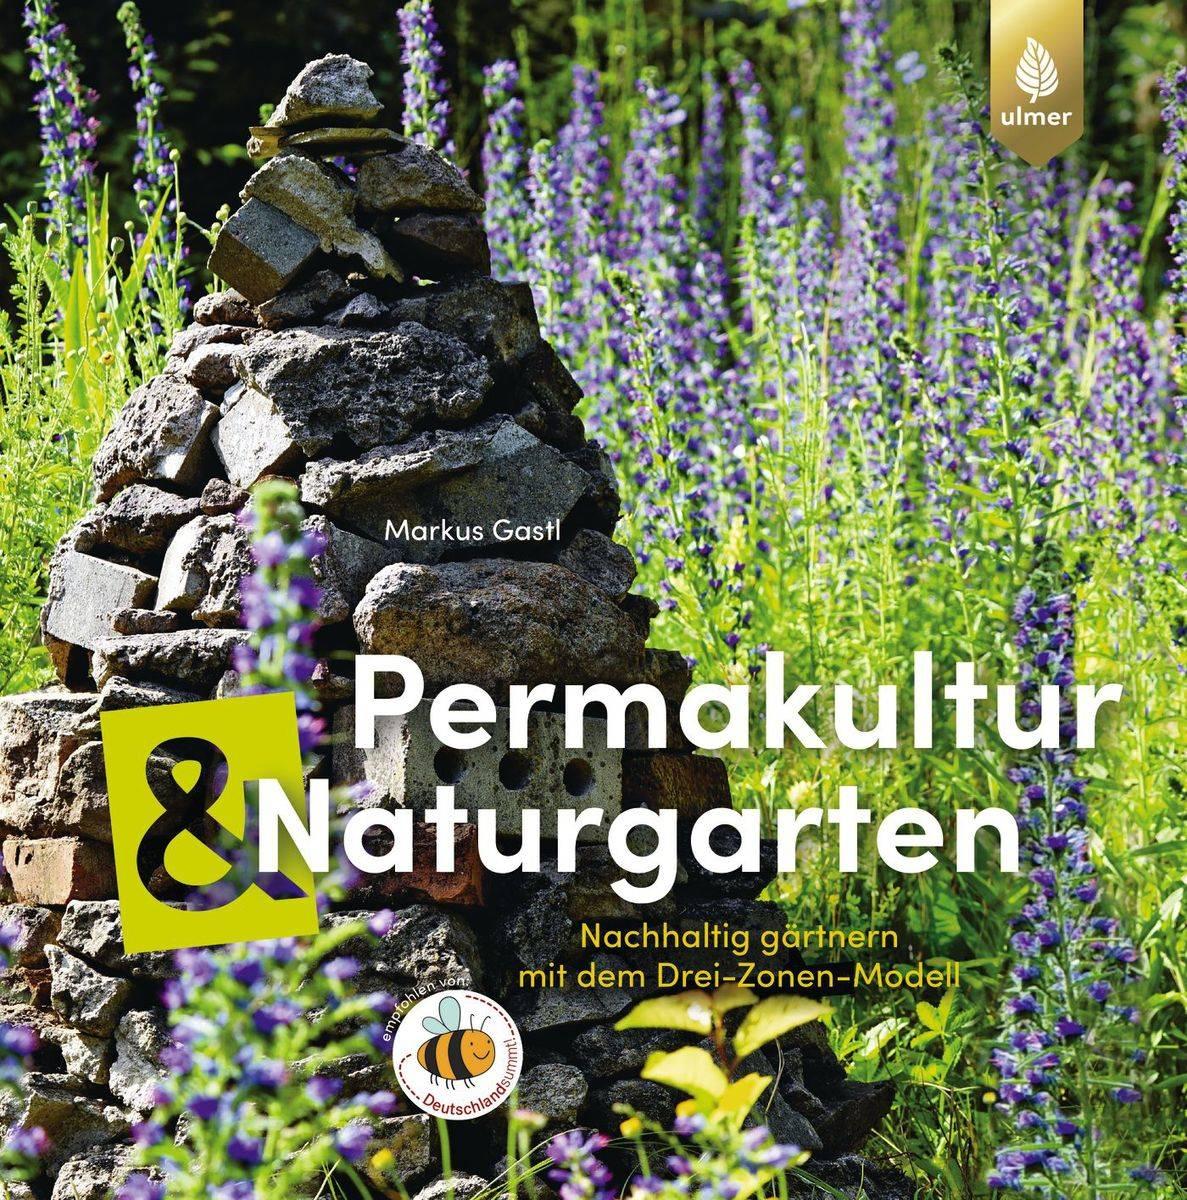 Permakultur und Naturgarten von Markus Gastl, © Ulmer Verlag